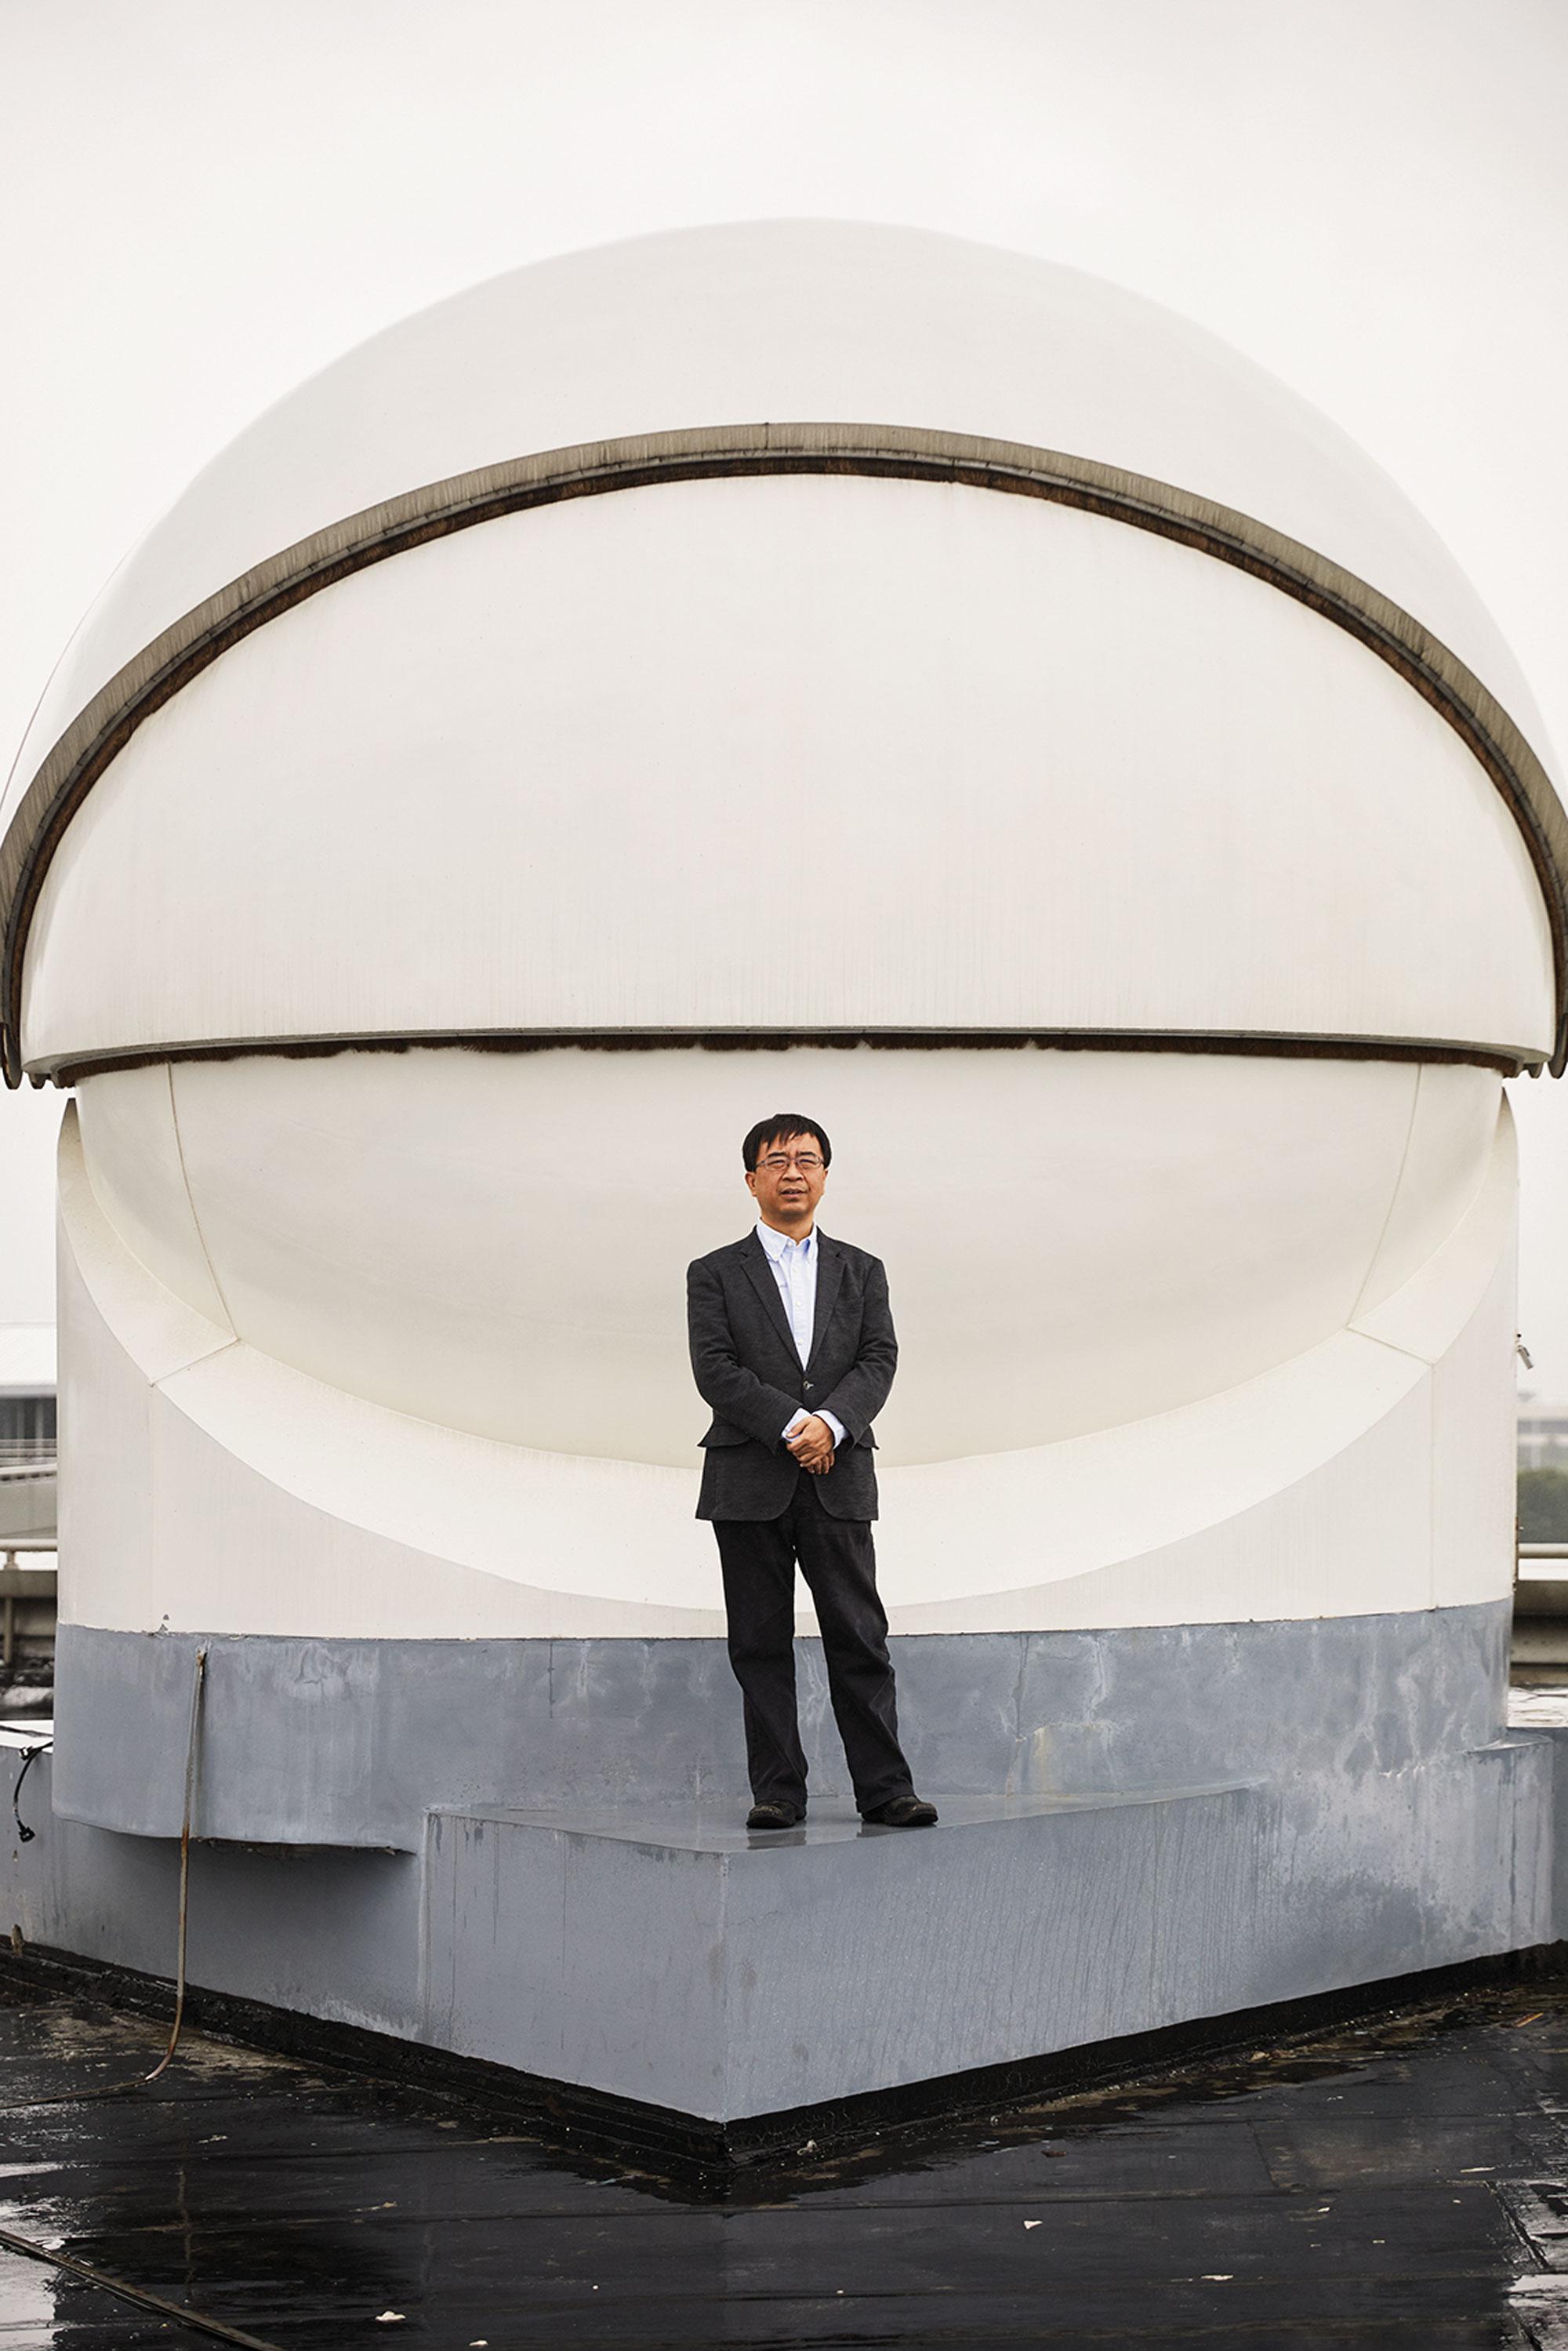 Jian-Wei Pan, parado frente a un receptor utilizado en la transmisión de señales ultra seguras del satélite Micius, ha ayudado a liderar los esfuerzos cuánticos de China.